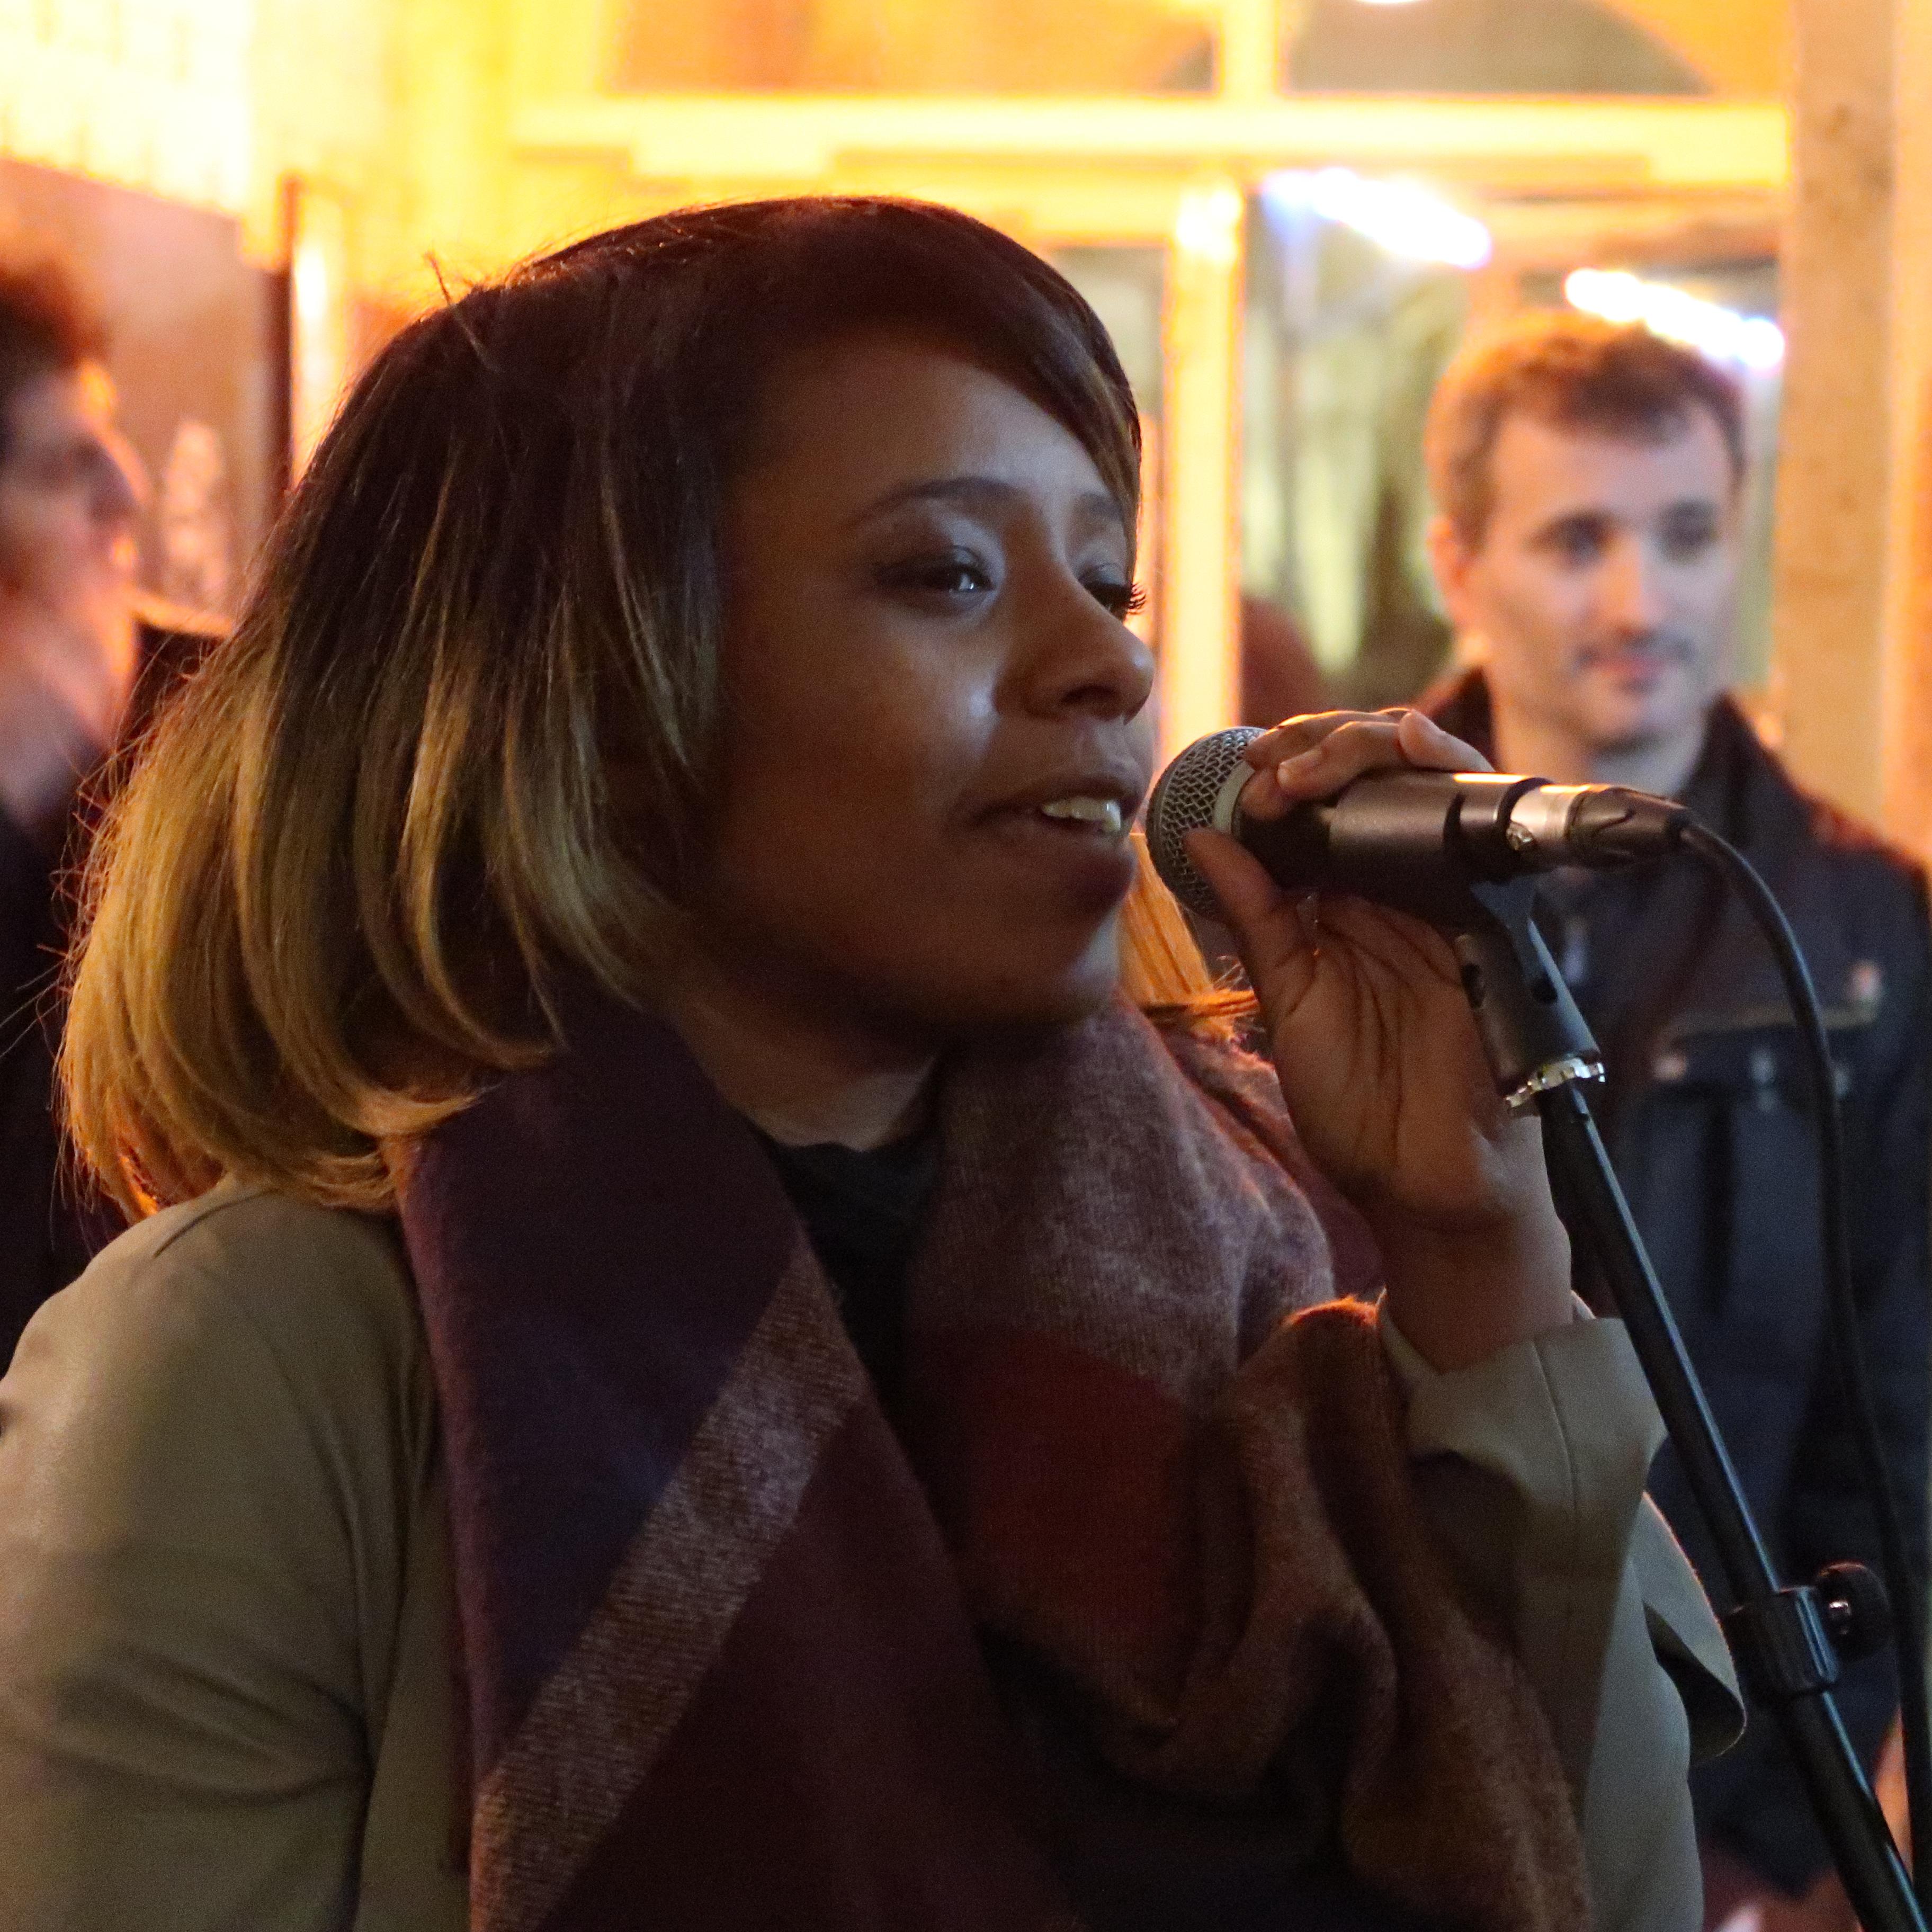 Angeline, chanteuse